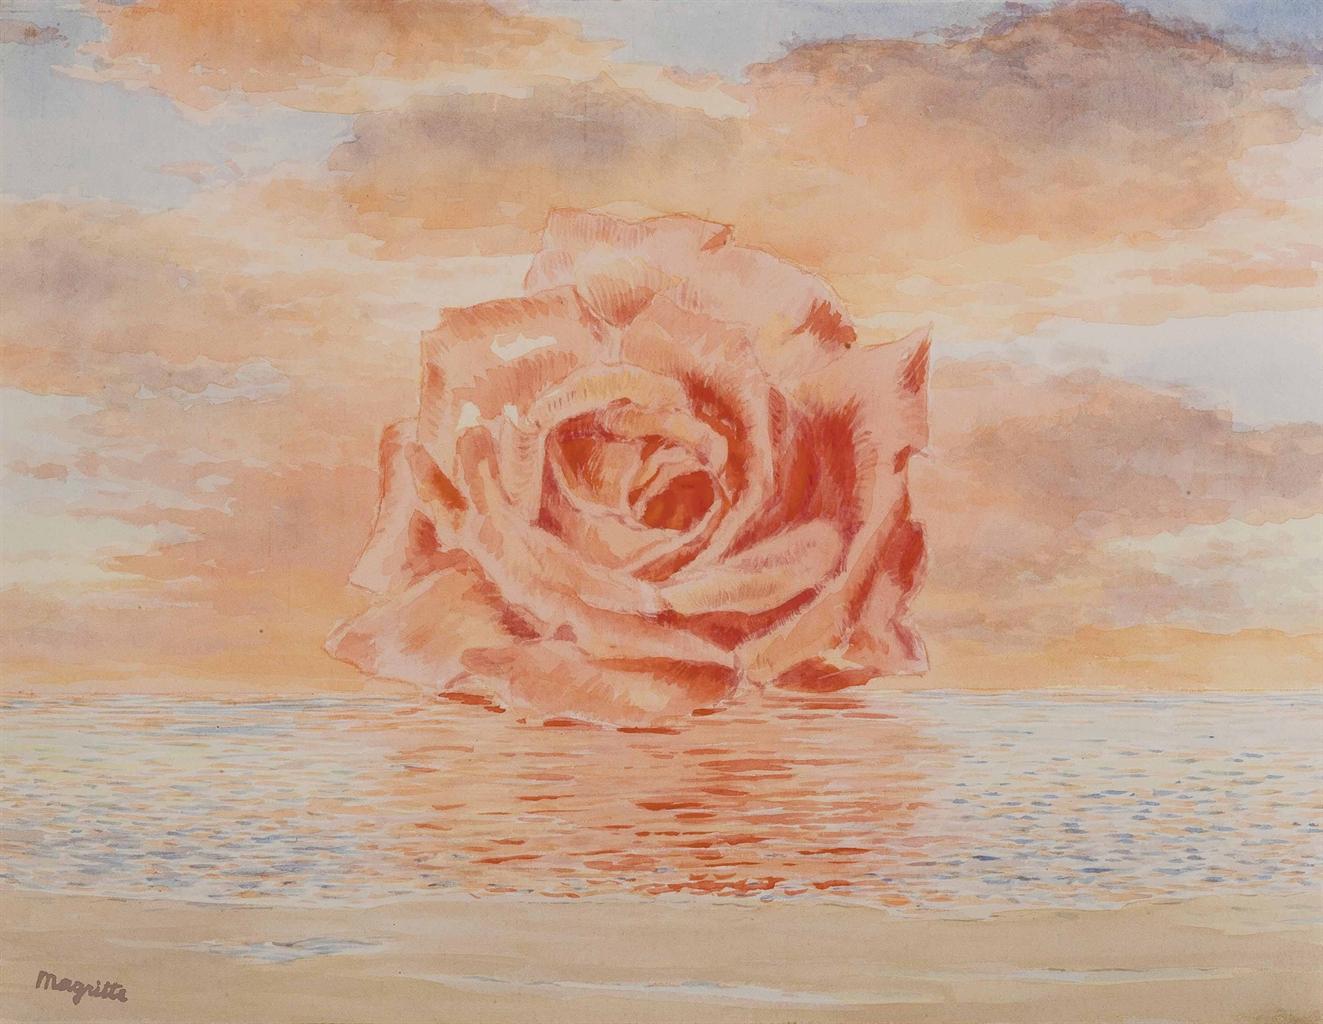 Rene Magritte (1838-1967) L'invitation au voyage, 1961